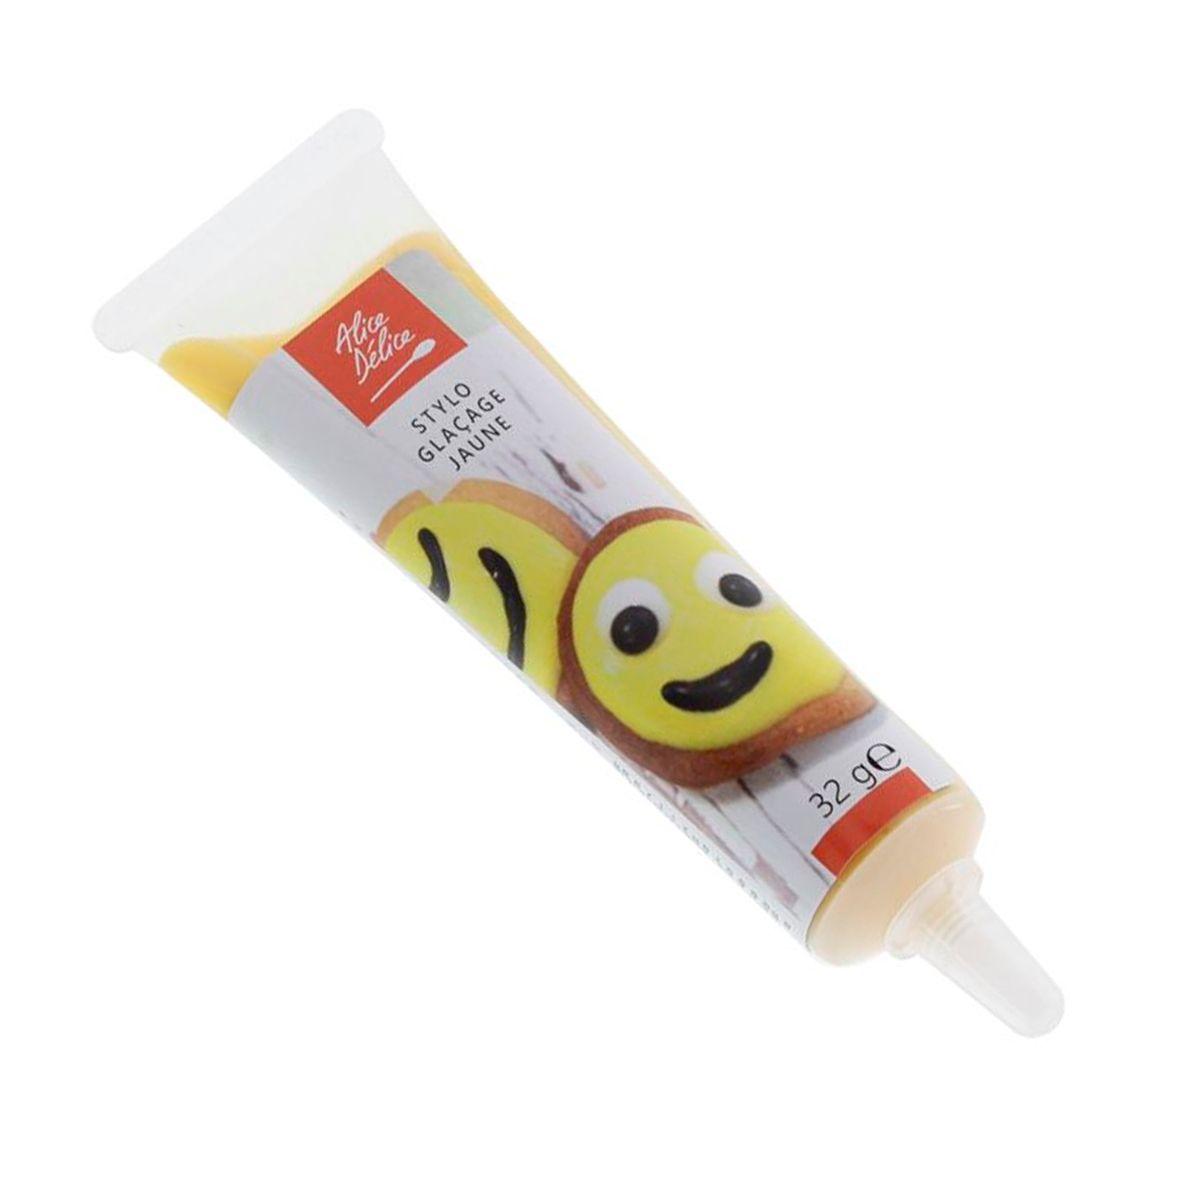 Stylo glaçage jaune pour décorer les biscuits 32g